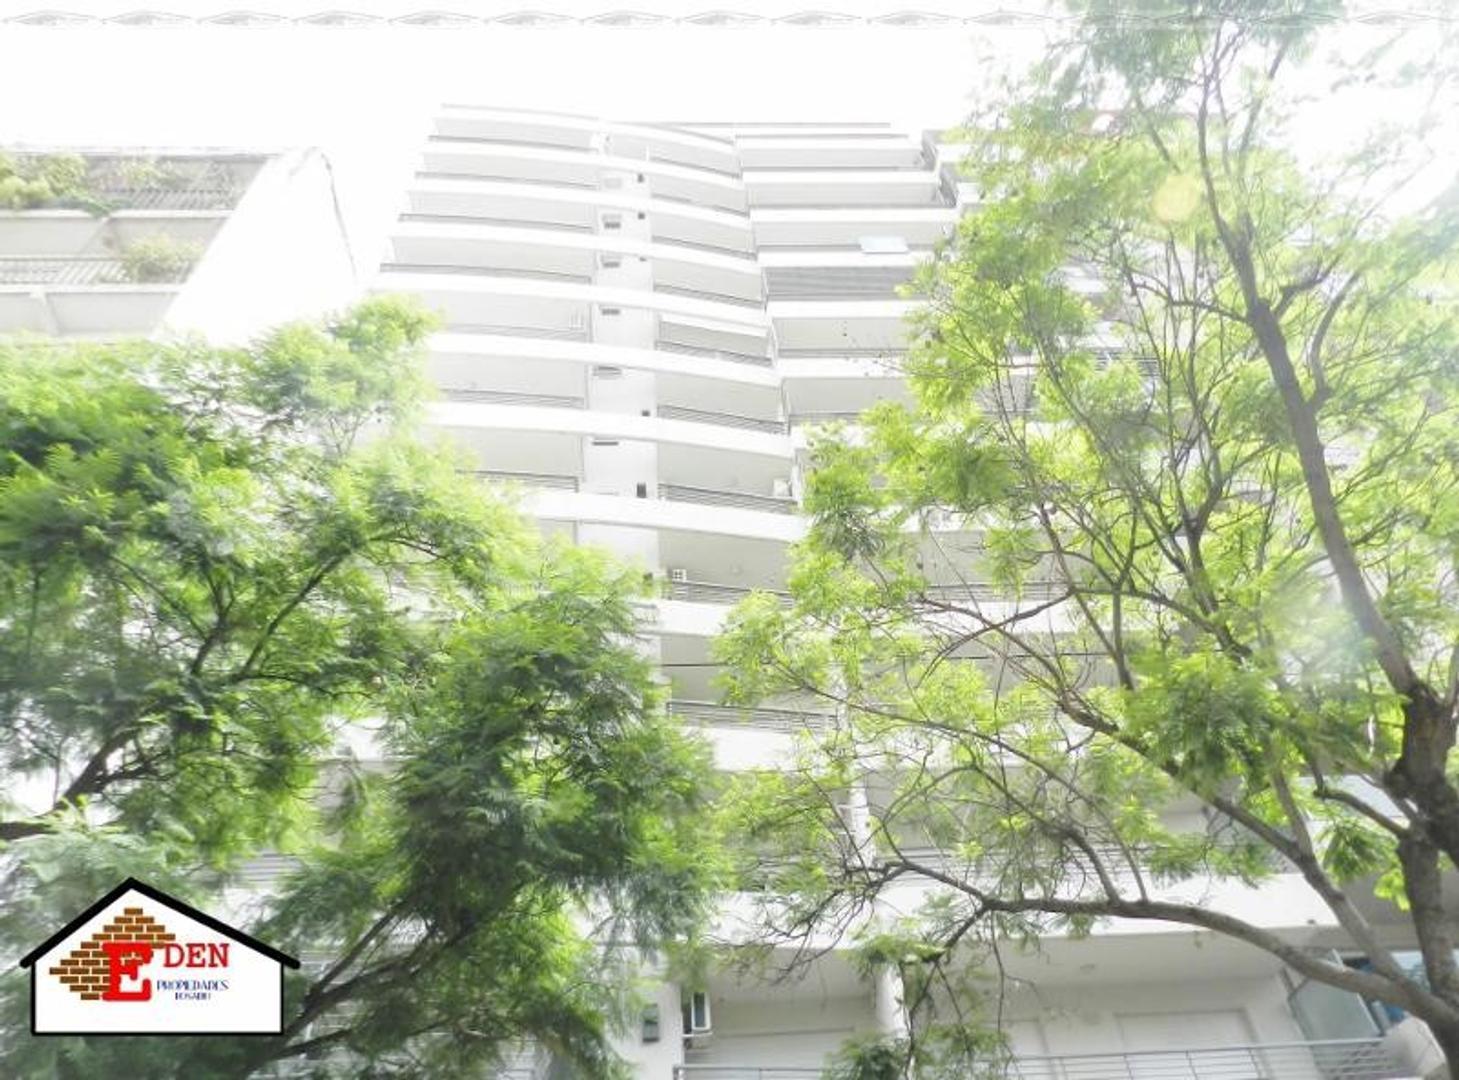 Departamento en Alquiler San Luis y Juan Manuel de Rosas | 2 dormitorios